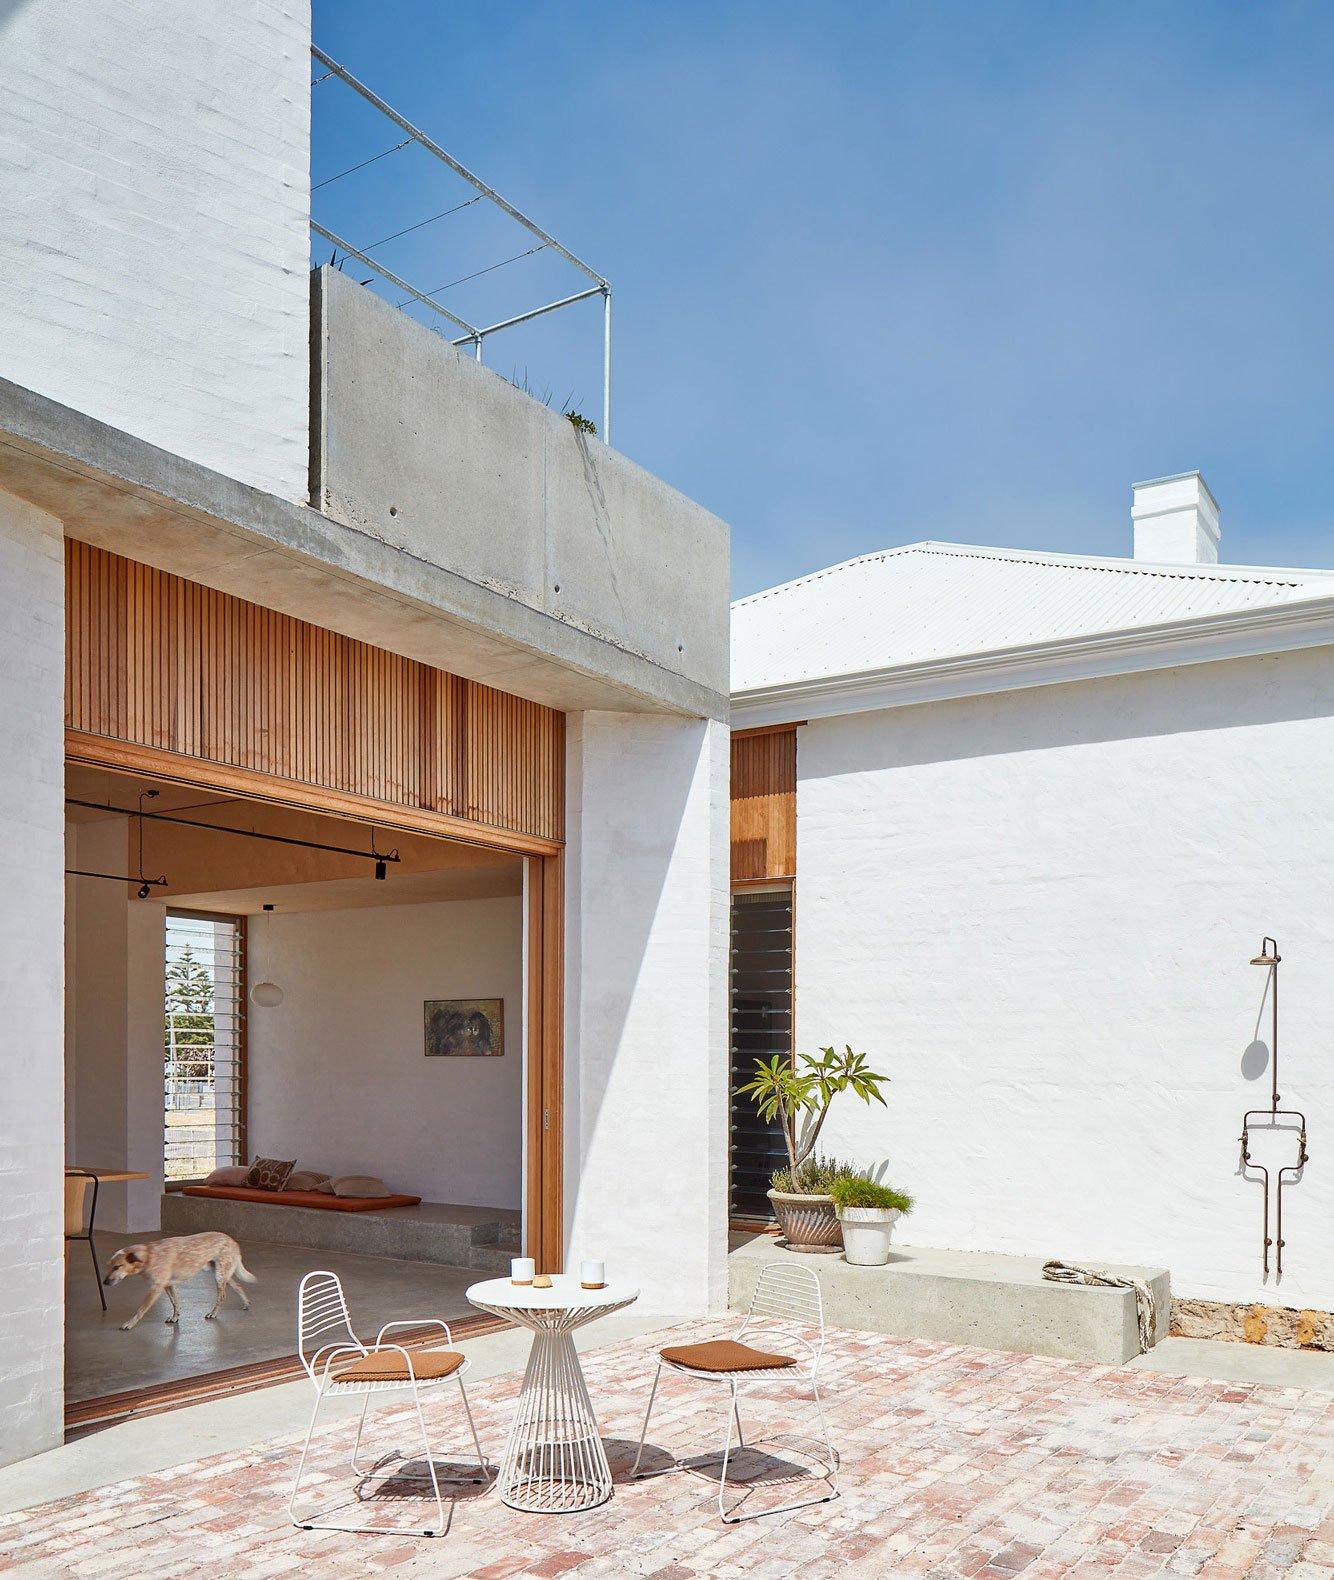 Anbau in Fremantle von David Barr Architects